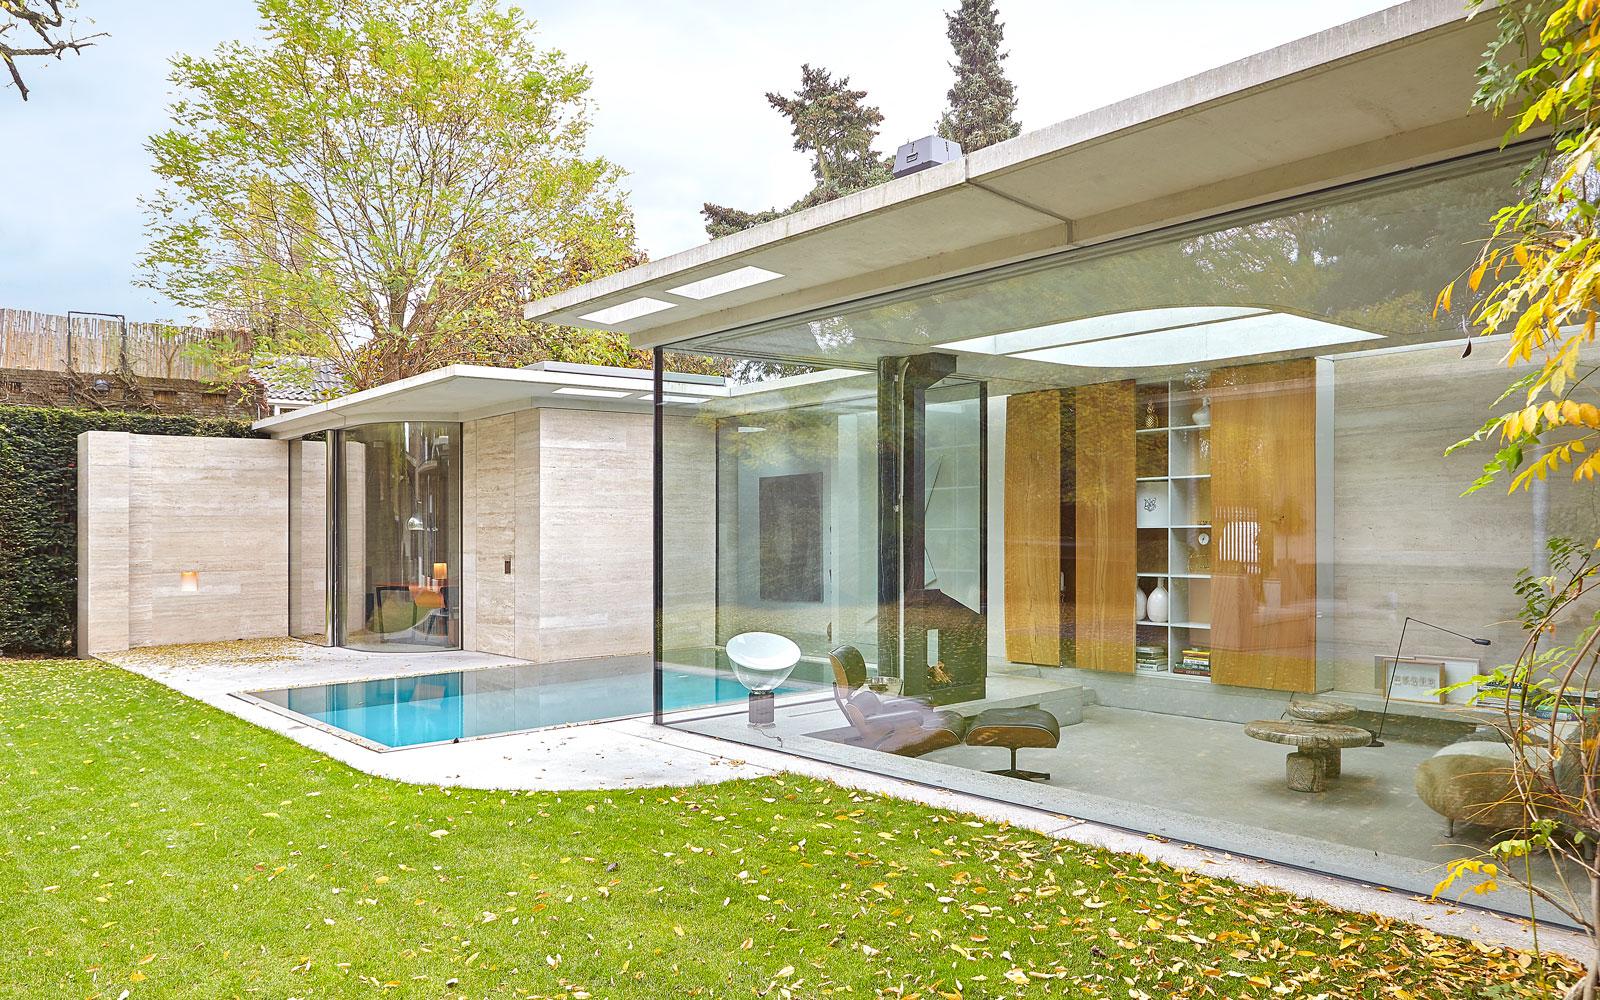 Zwembad, wellness, grote ramen, veel glas, tuin, vooroorlogse villa, De Bever Architecten